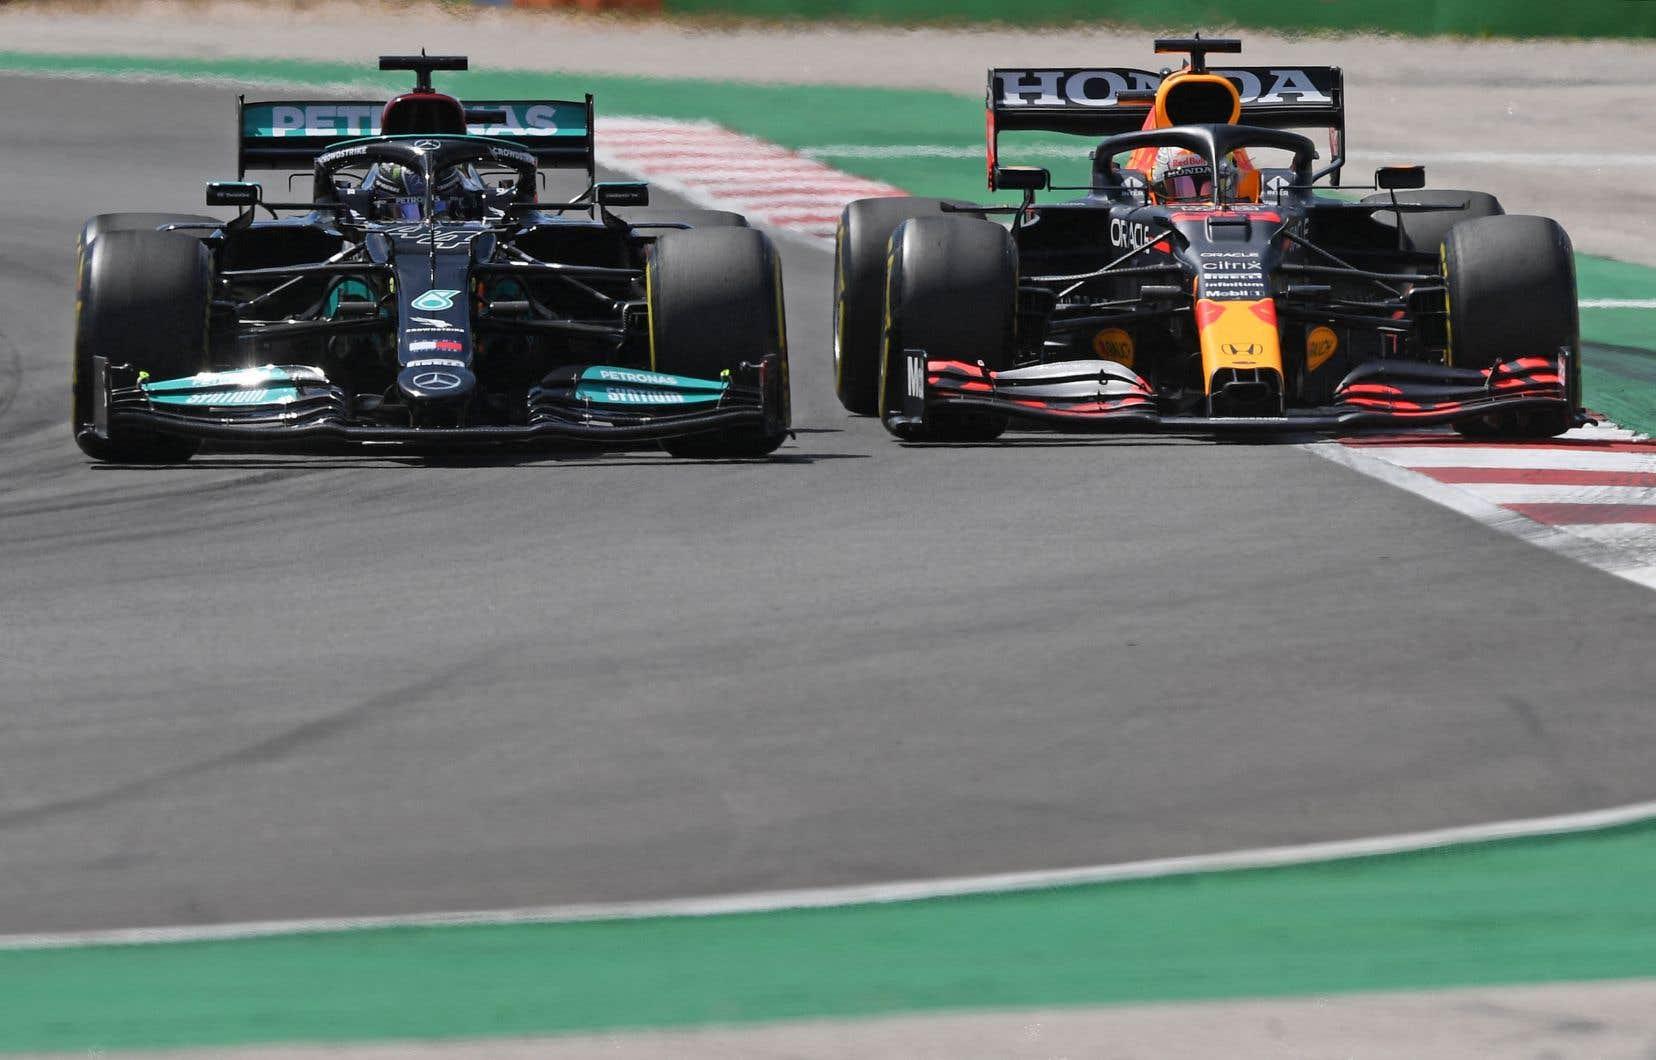 Hamilton, le quadruple champion en titre qui pilote pour Mercedes, mène devant Verstappen après avoir gagné la première course de la saison au Bahreïn et celle de la semaine dernière au Portugal.